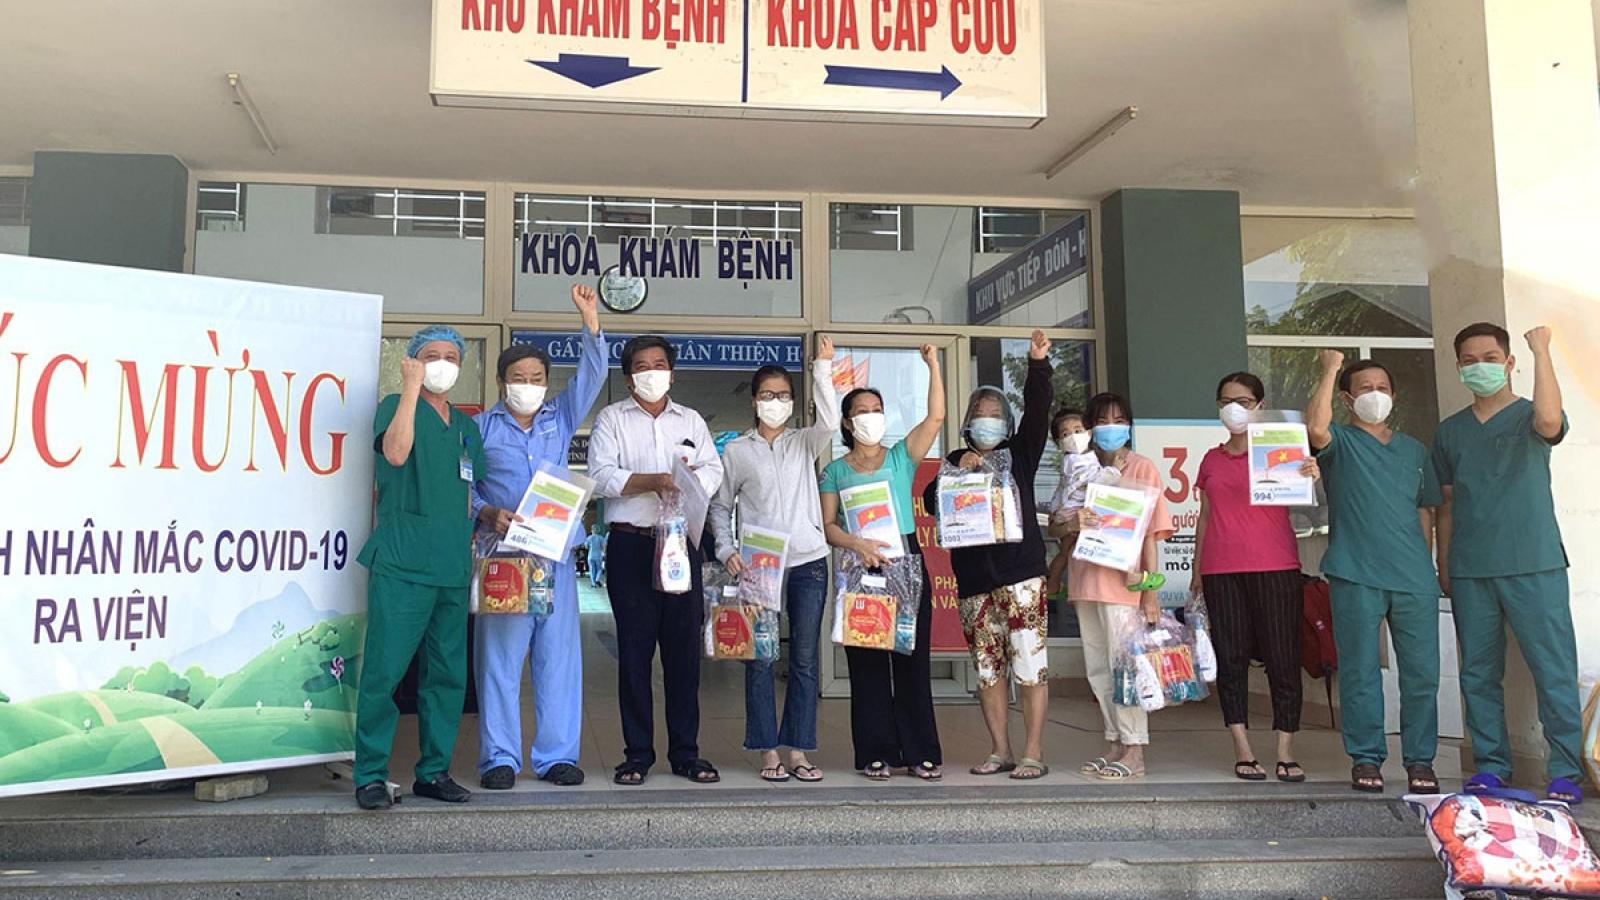 Thêm 15 bệnh nhân khỏi Covid-19 ở Đà Nẵngra viện